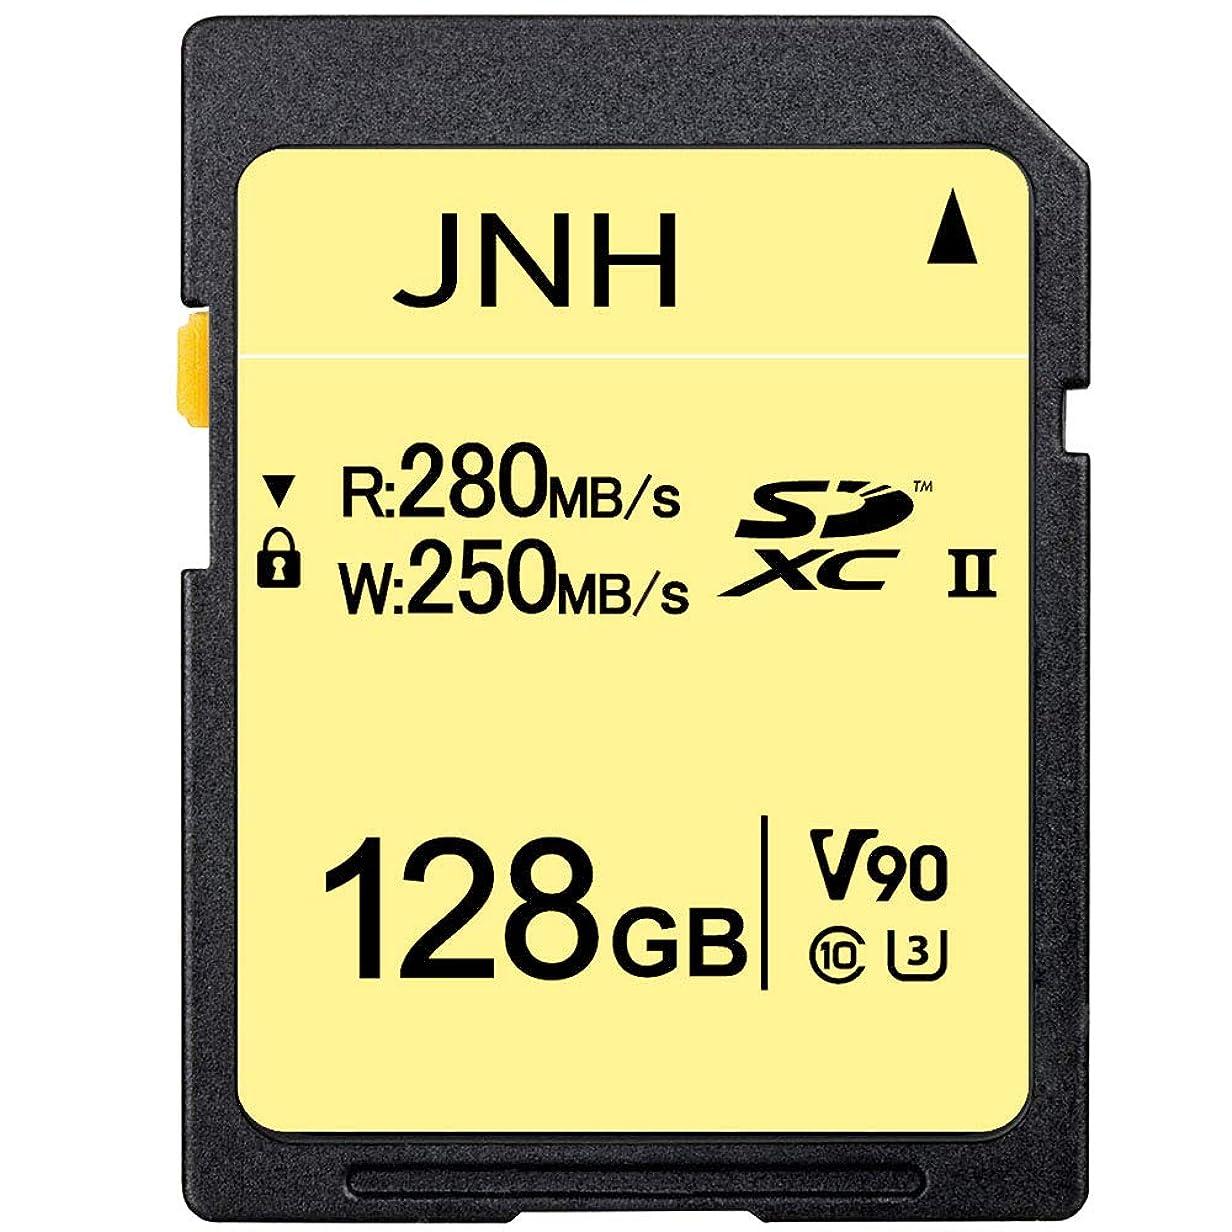 改修する弱点詳細にSDカード SDXCカード 128GB JNH UHS-II 超高速280MB/s Class10 U3 V90 8K Ultra HD 対応 【国内正規品 5年保証】